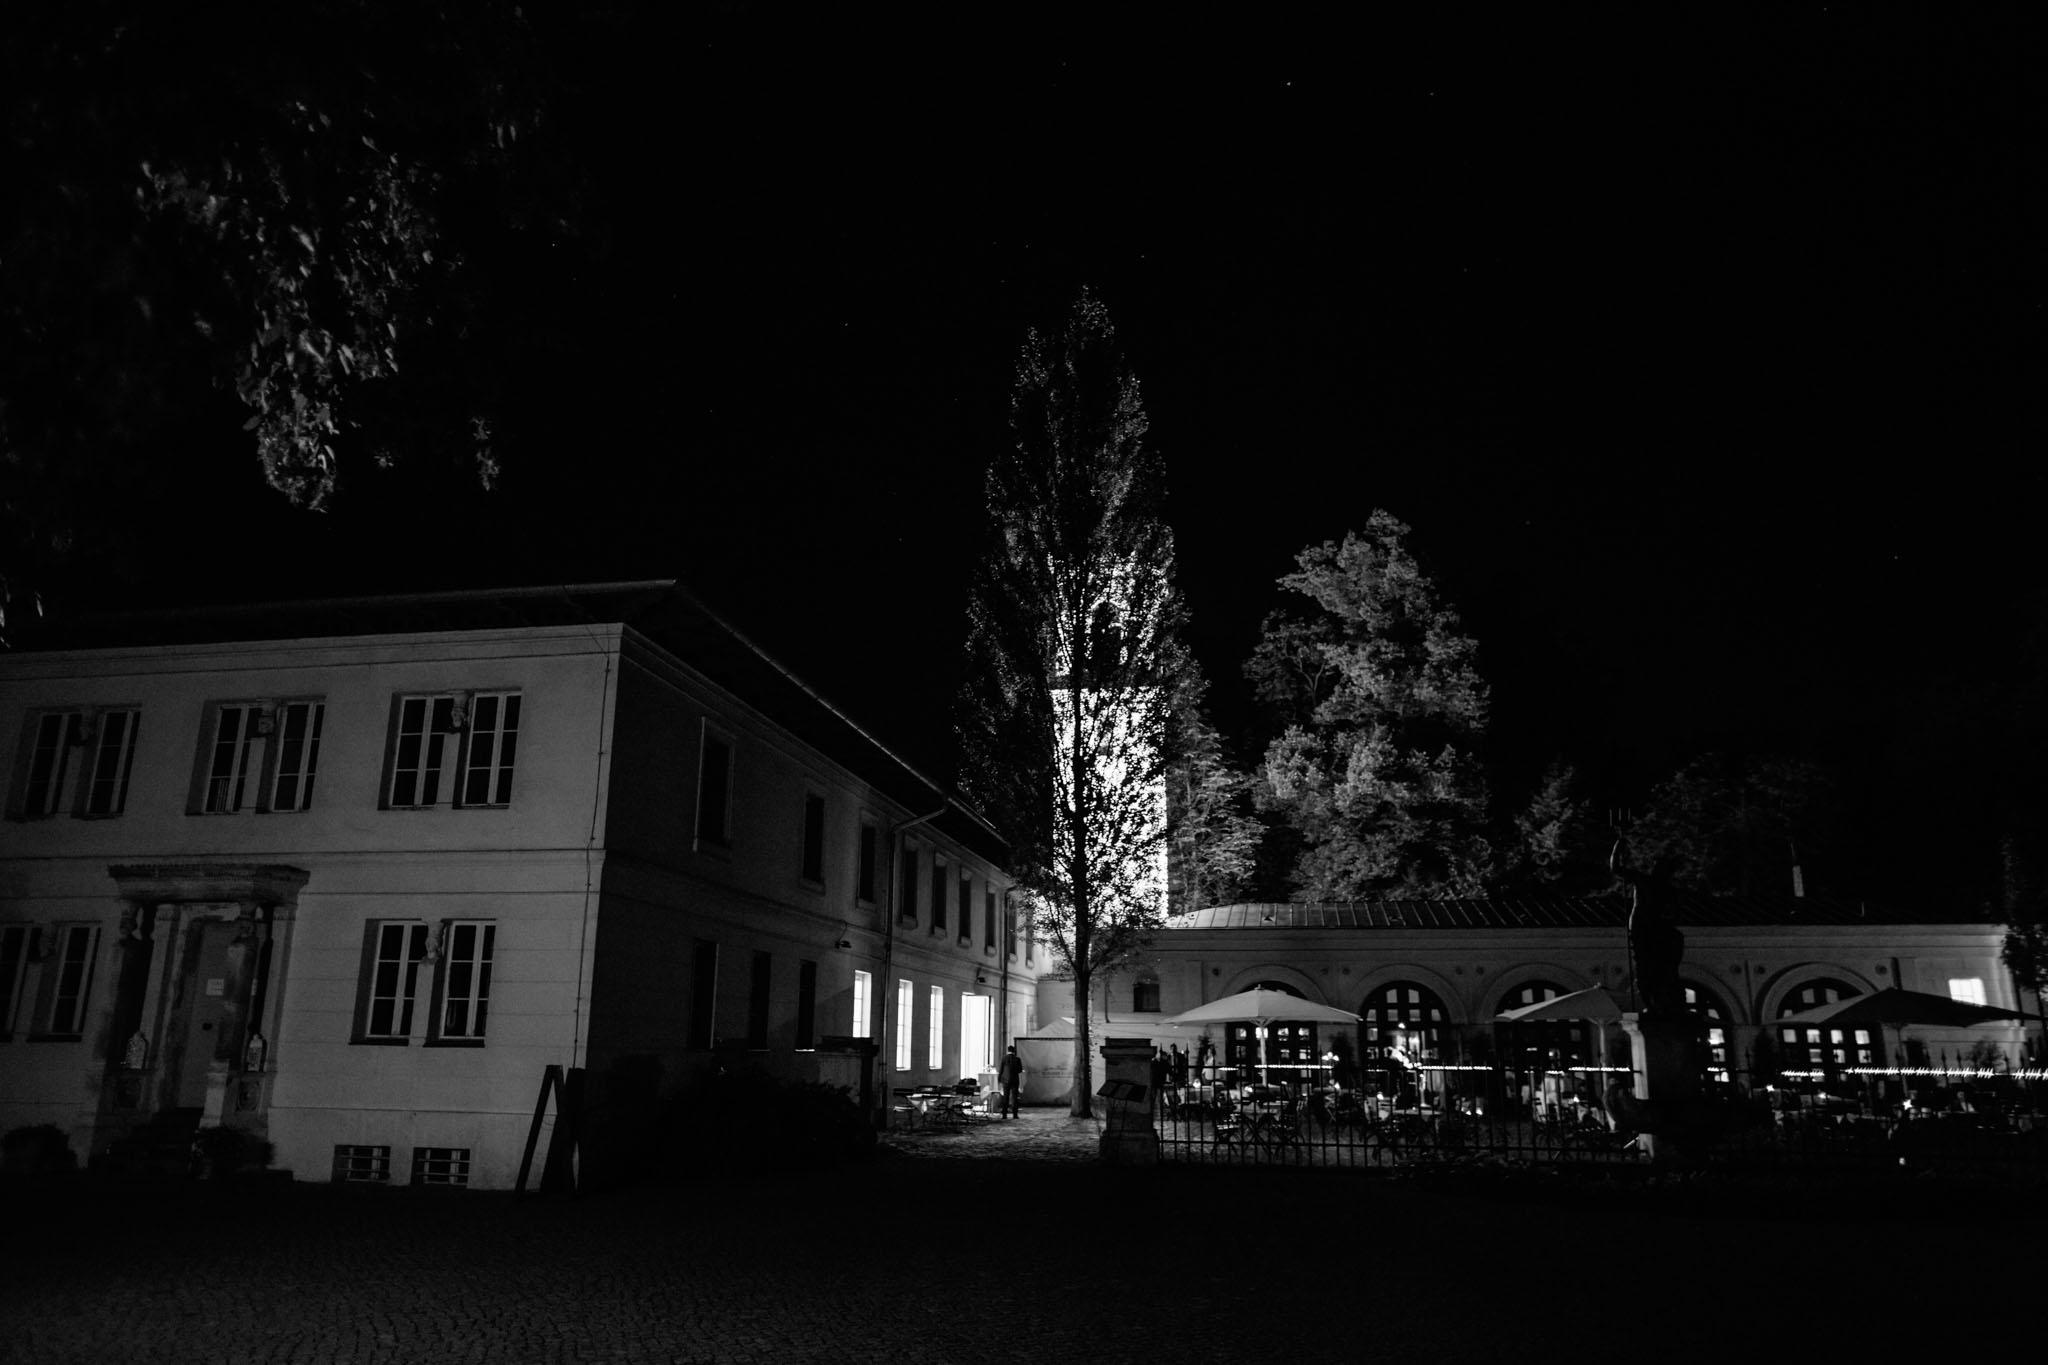 schloss-glienicke-schwarzweiss-nacht